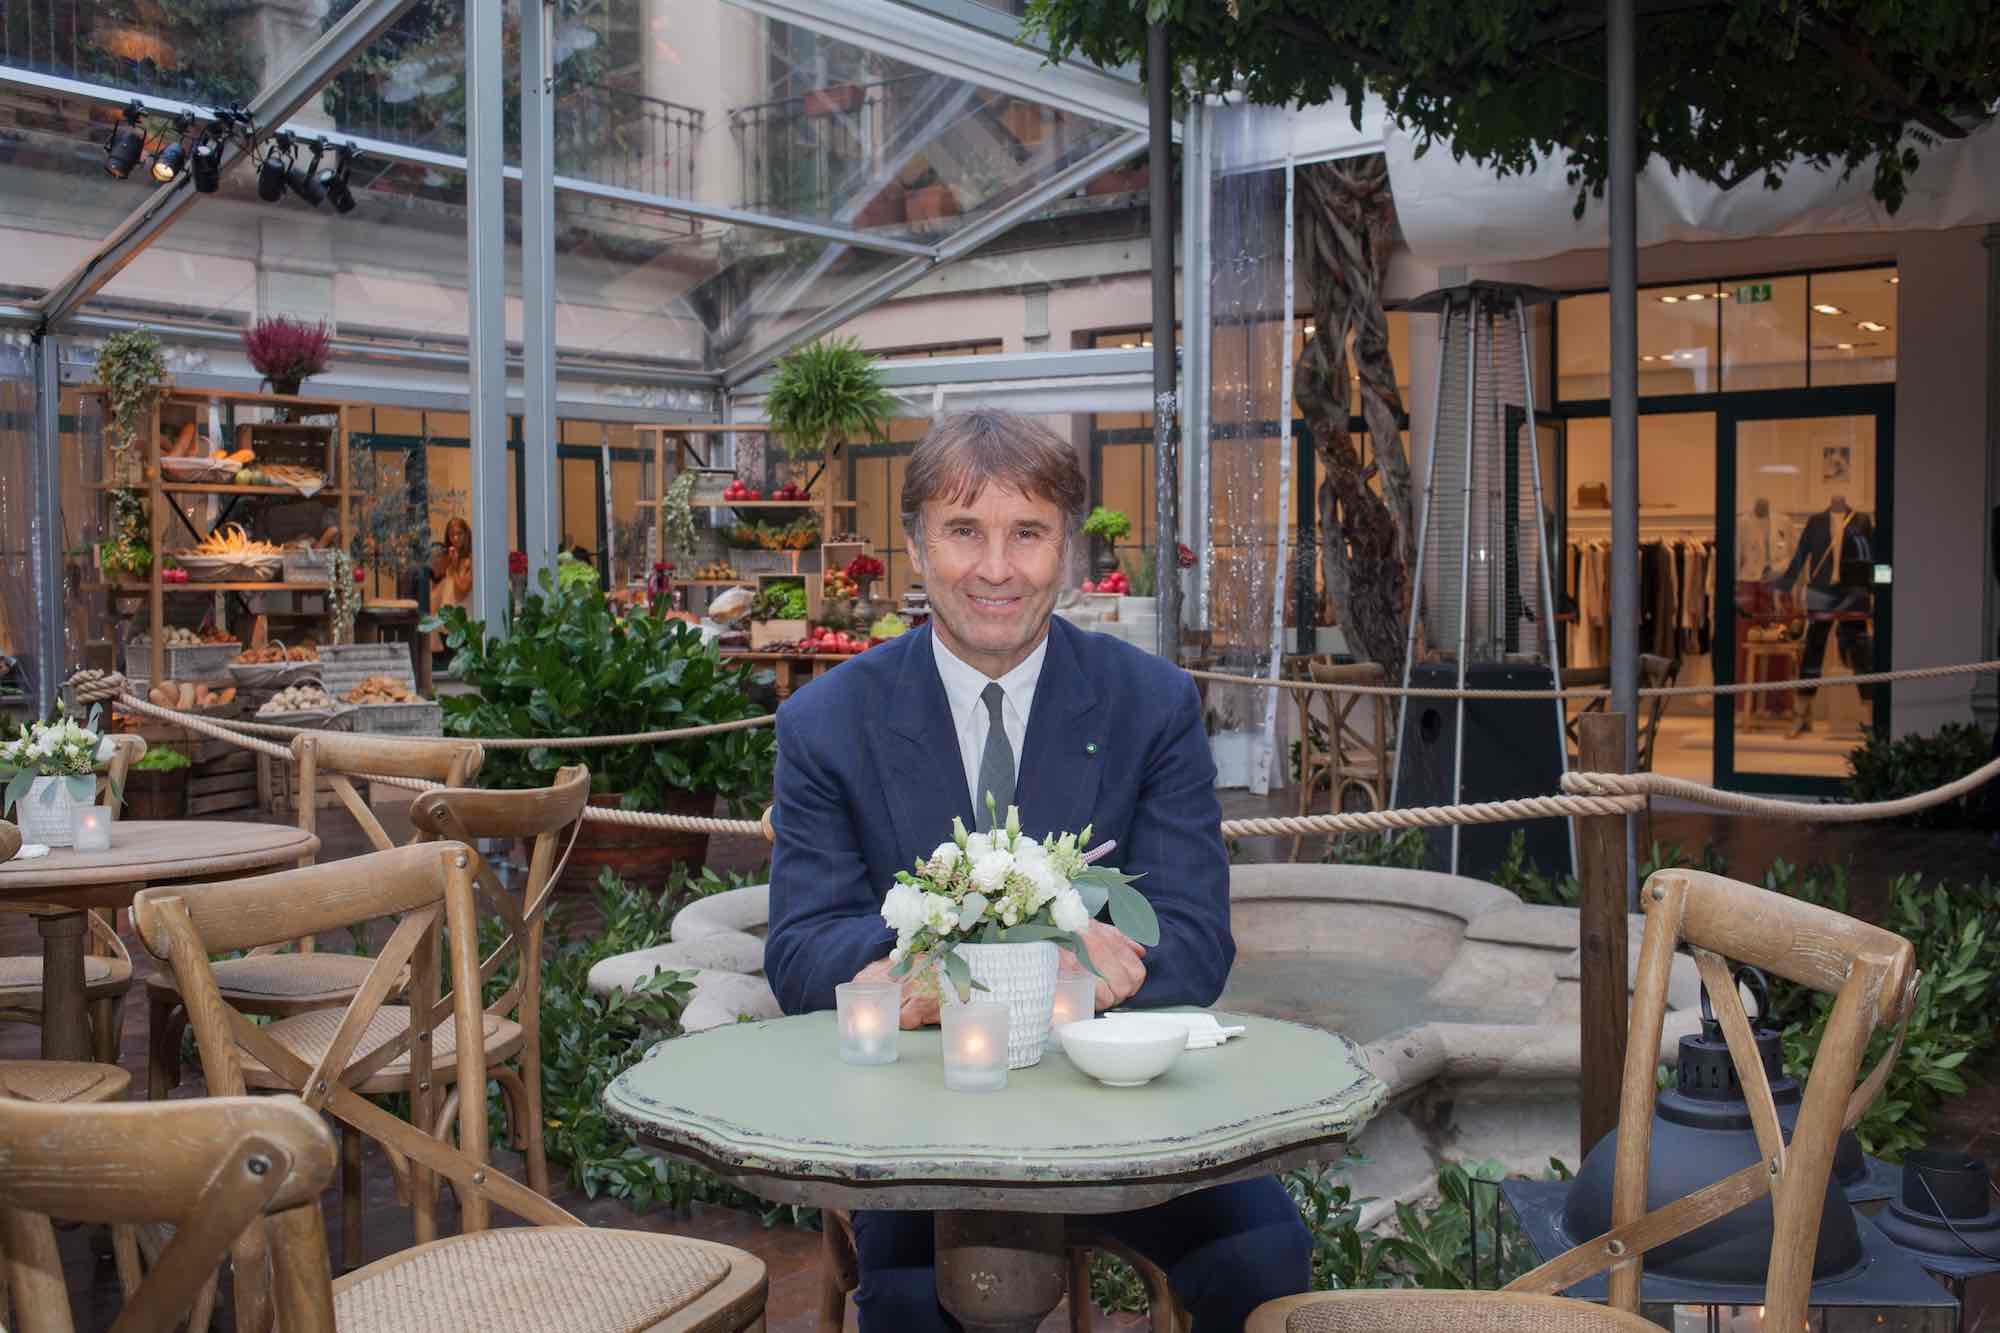 Brunello Cucinelli stilista e imprenditore dell'industria del cachemire a un tavolo con fiori davanti